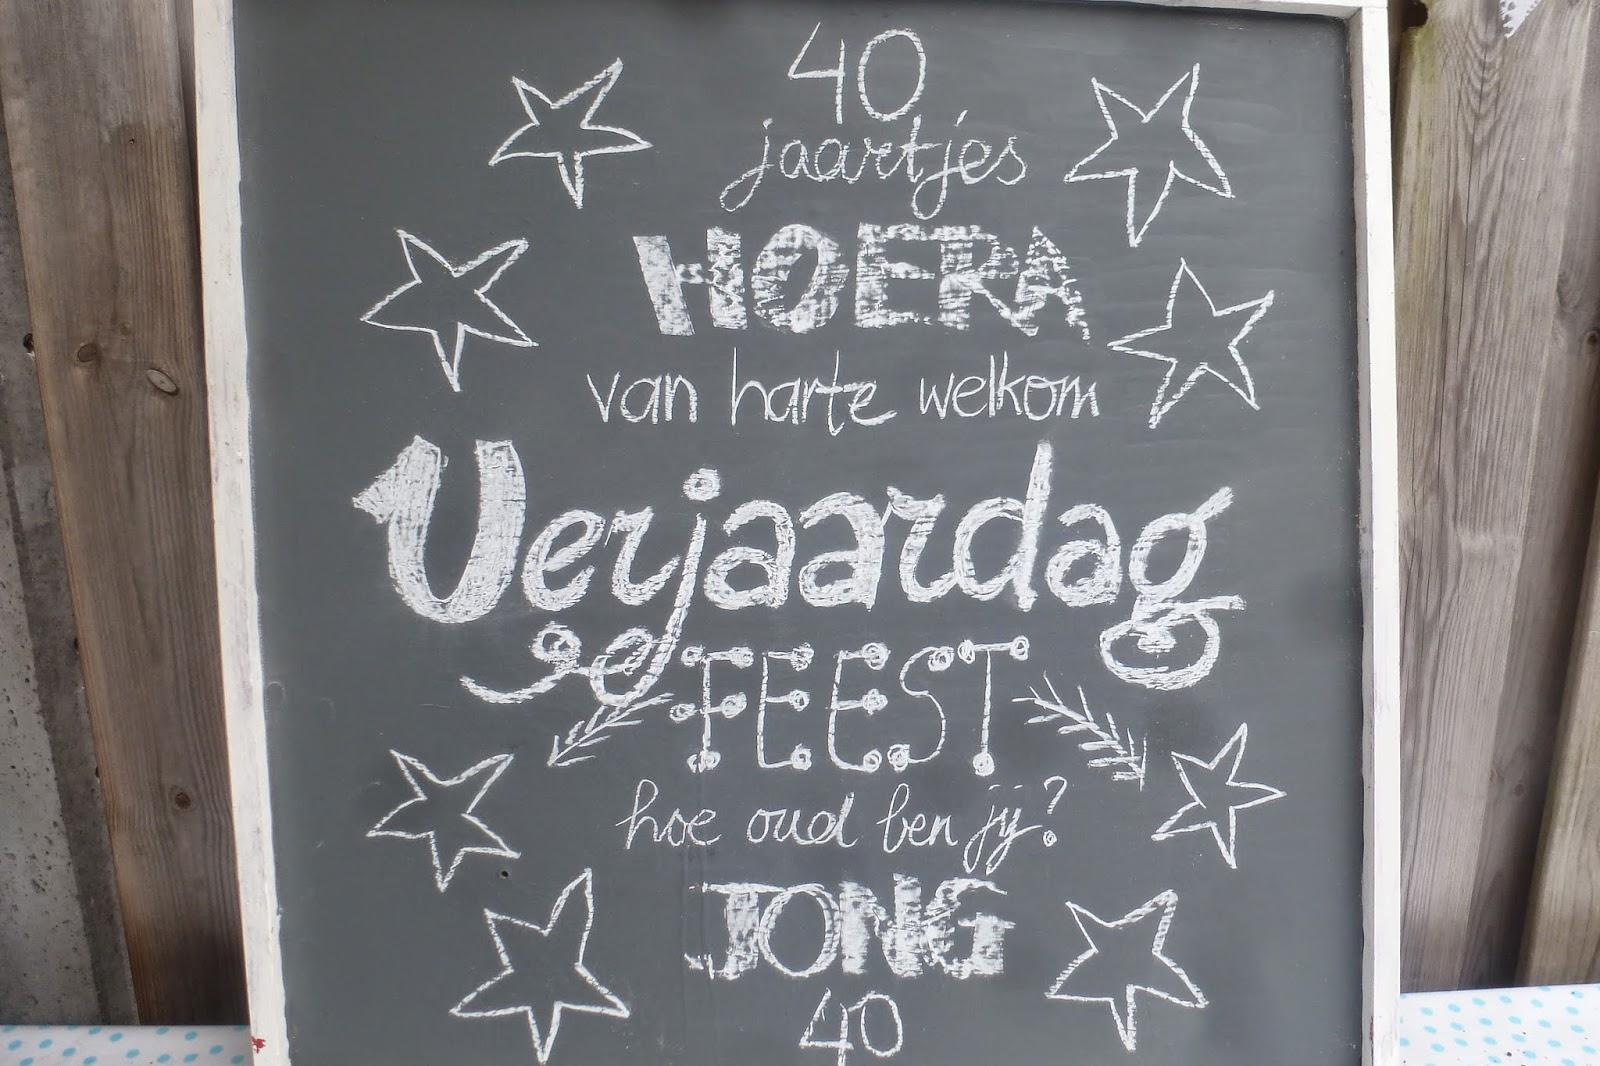 40 jaar verjaardag feest ideeen 40 Jaar Verjaardag Feest Ideeen   ARCHIDEV 40 jaar verjaardag feest ideeen